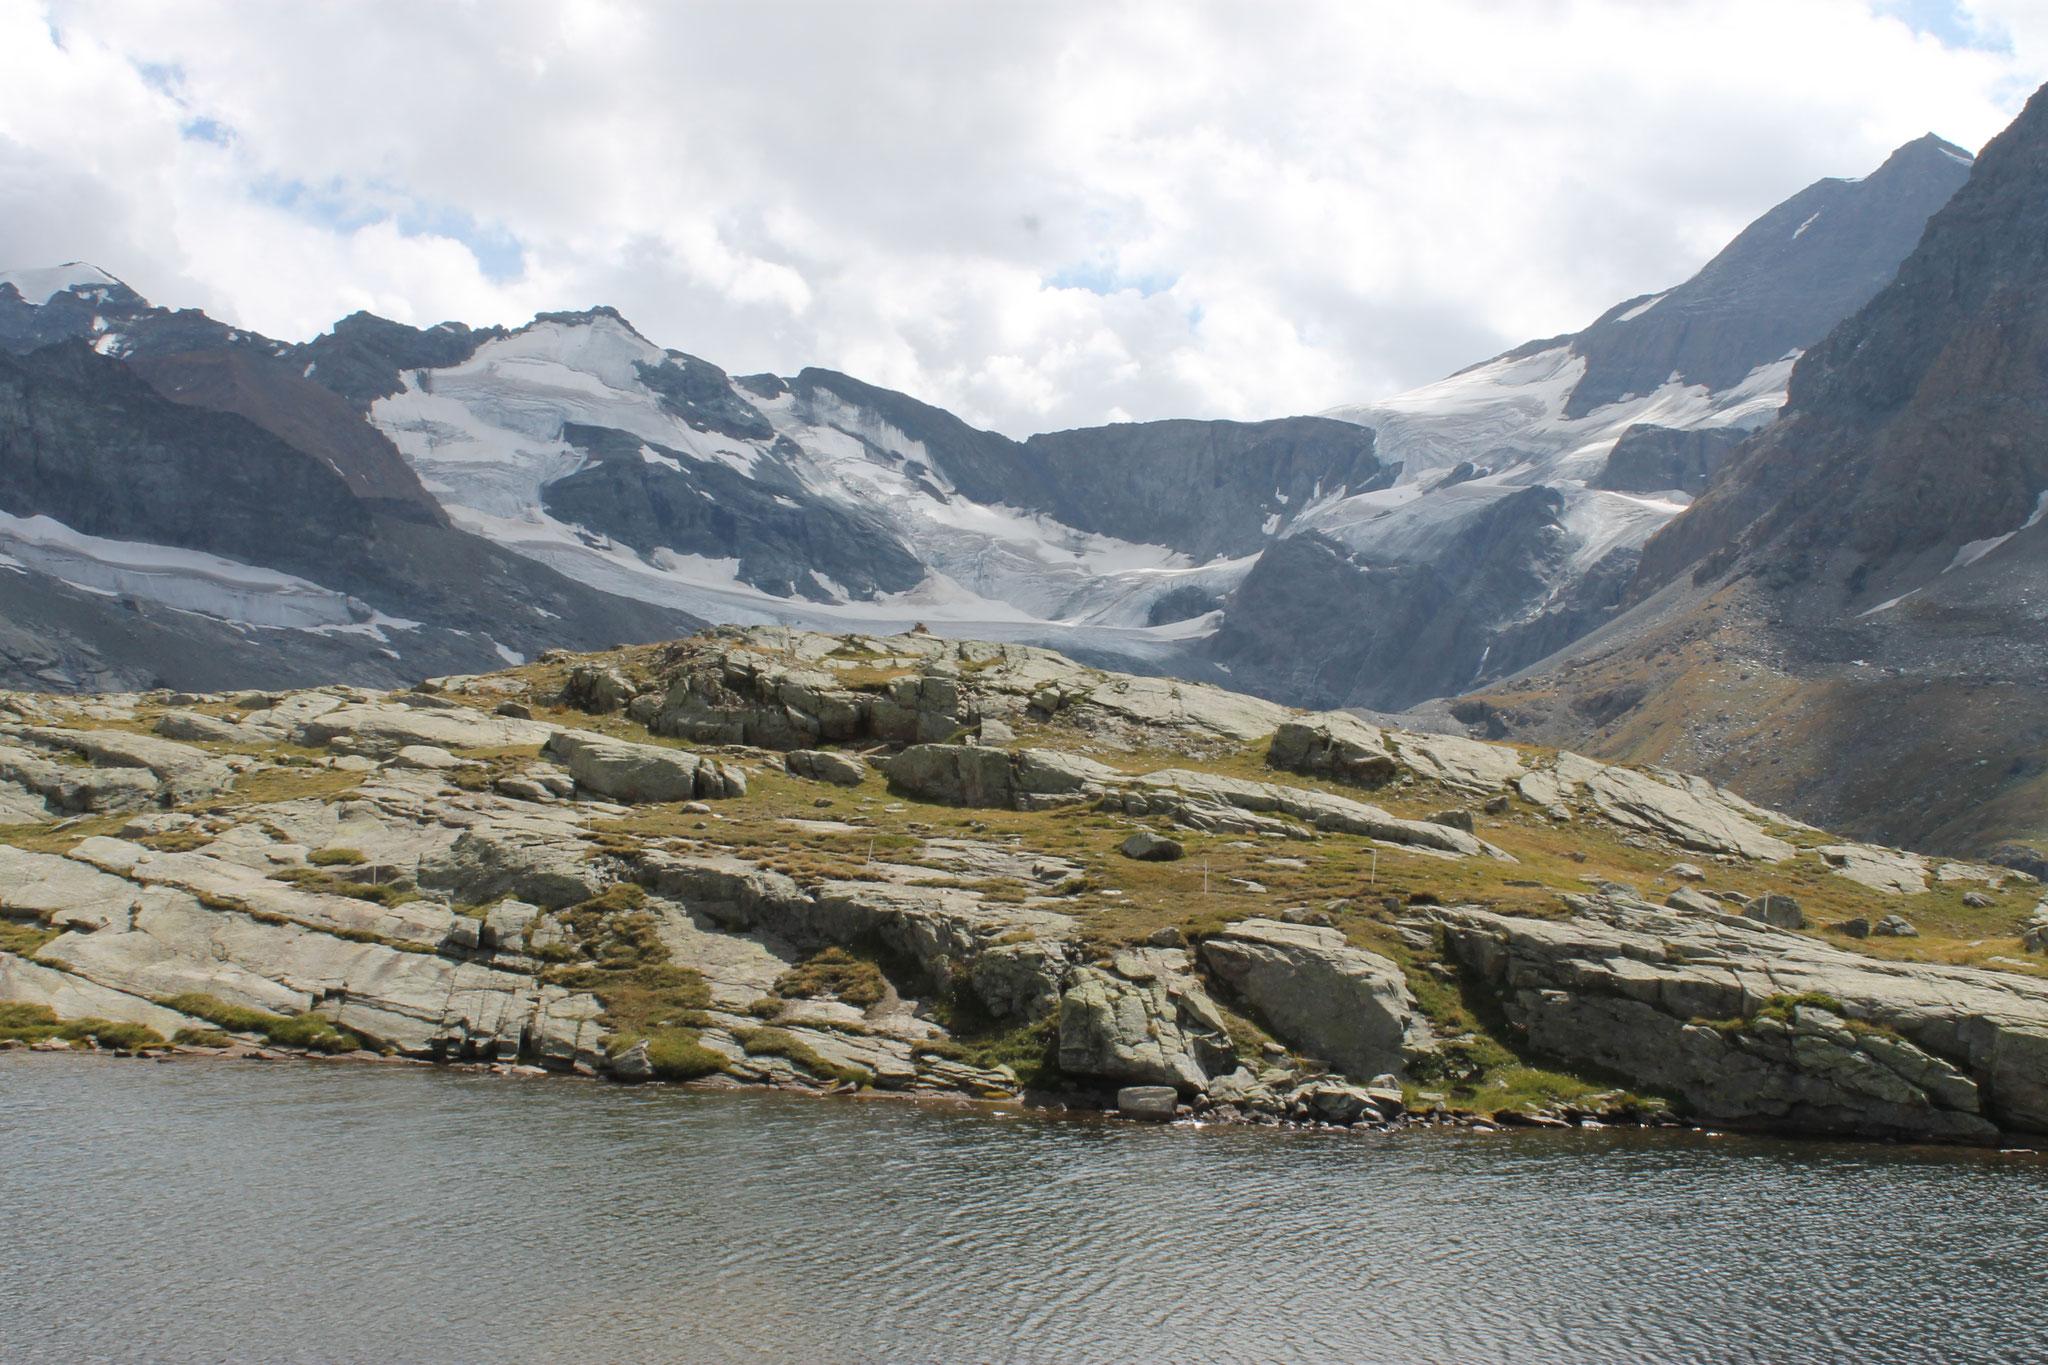 4. Lac des Pareis